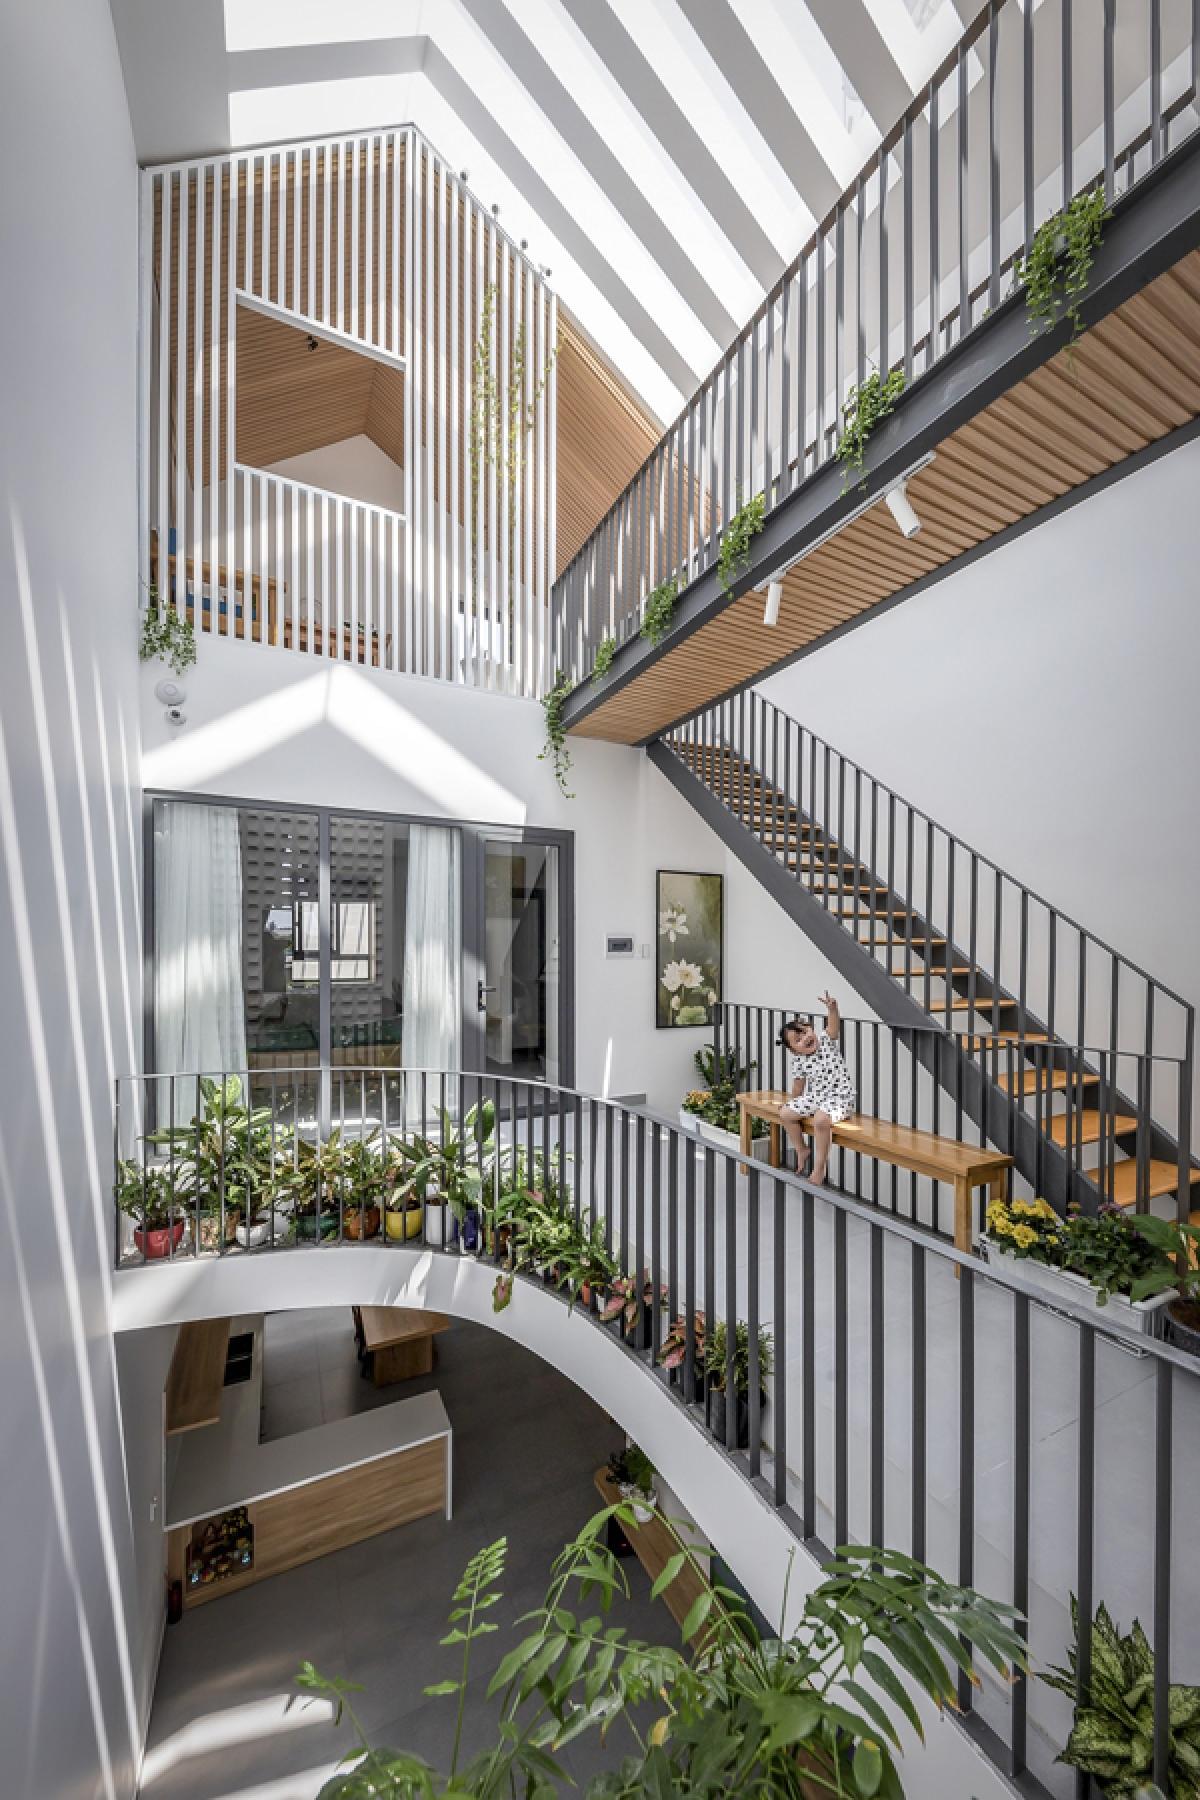 Kế bên cầu thang ở giữa nhà là một giếng trời lớn. Cầu thang đi từ tầng 2 lên tầng 3 được làm bằng - thép gỗ tạo sự thông thoáng và hệ kết cấu này như bay bổng trong không gian. Hệ mái được cấu tạo bằng những dầm bê tông gấp khúc và lợp kính tạo nên ánh sáng và bóng đổ lung linh trong nội thất. Hành lang nơi tầng 2 cũng rất rộng có nhiều cây xanh.